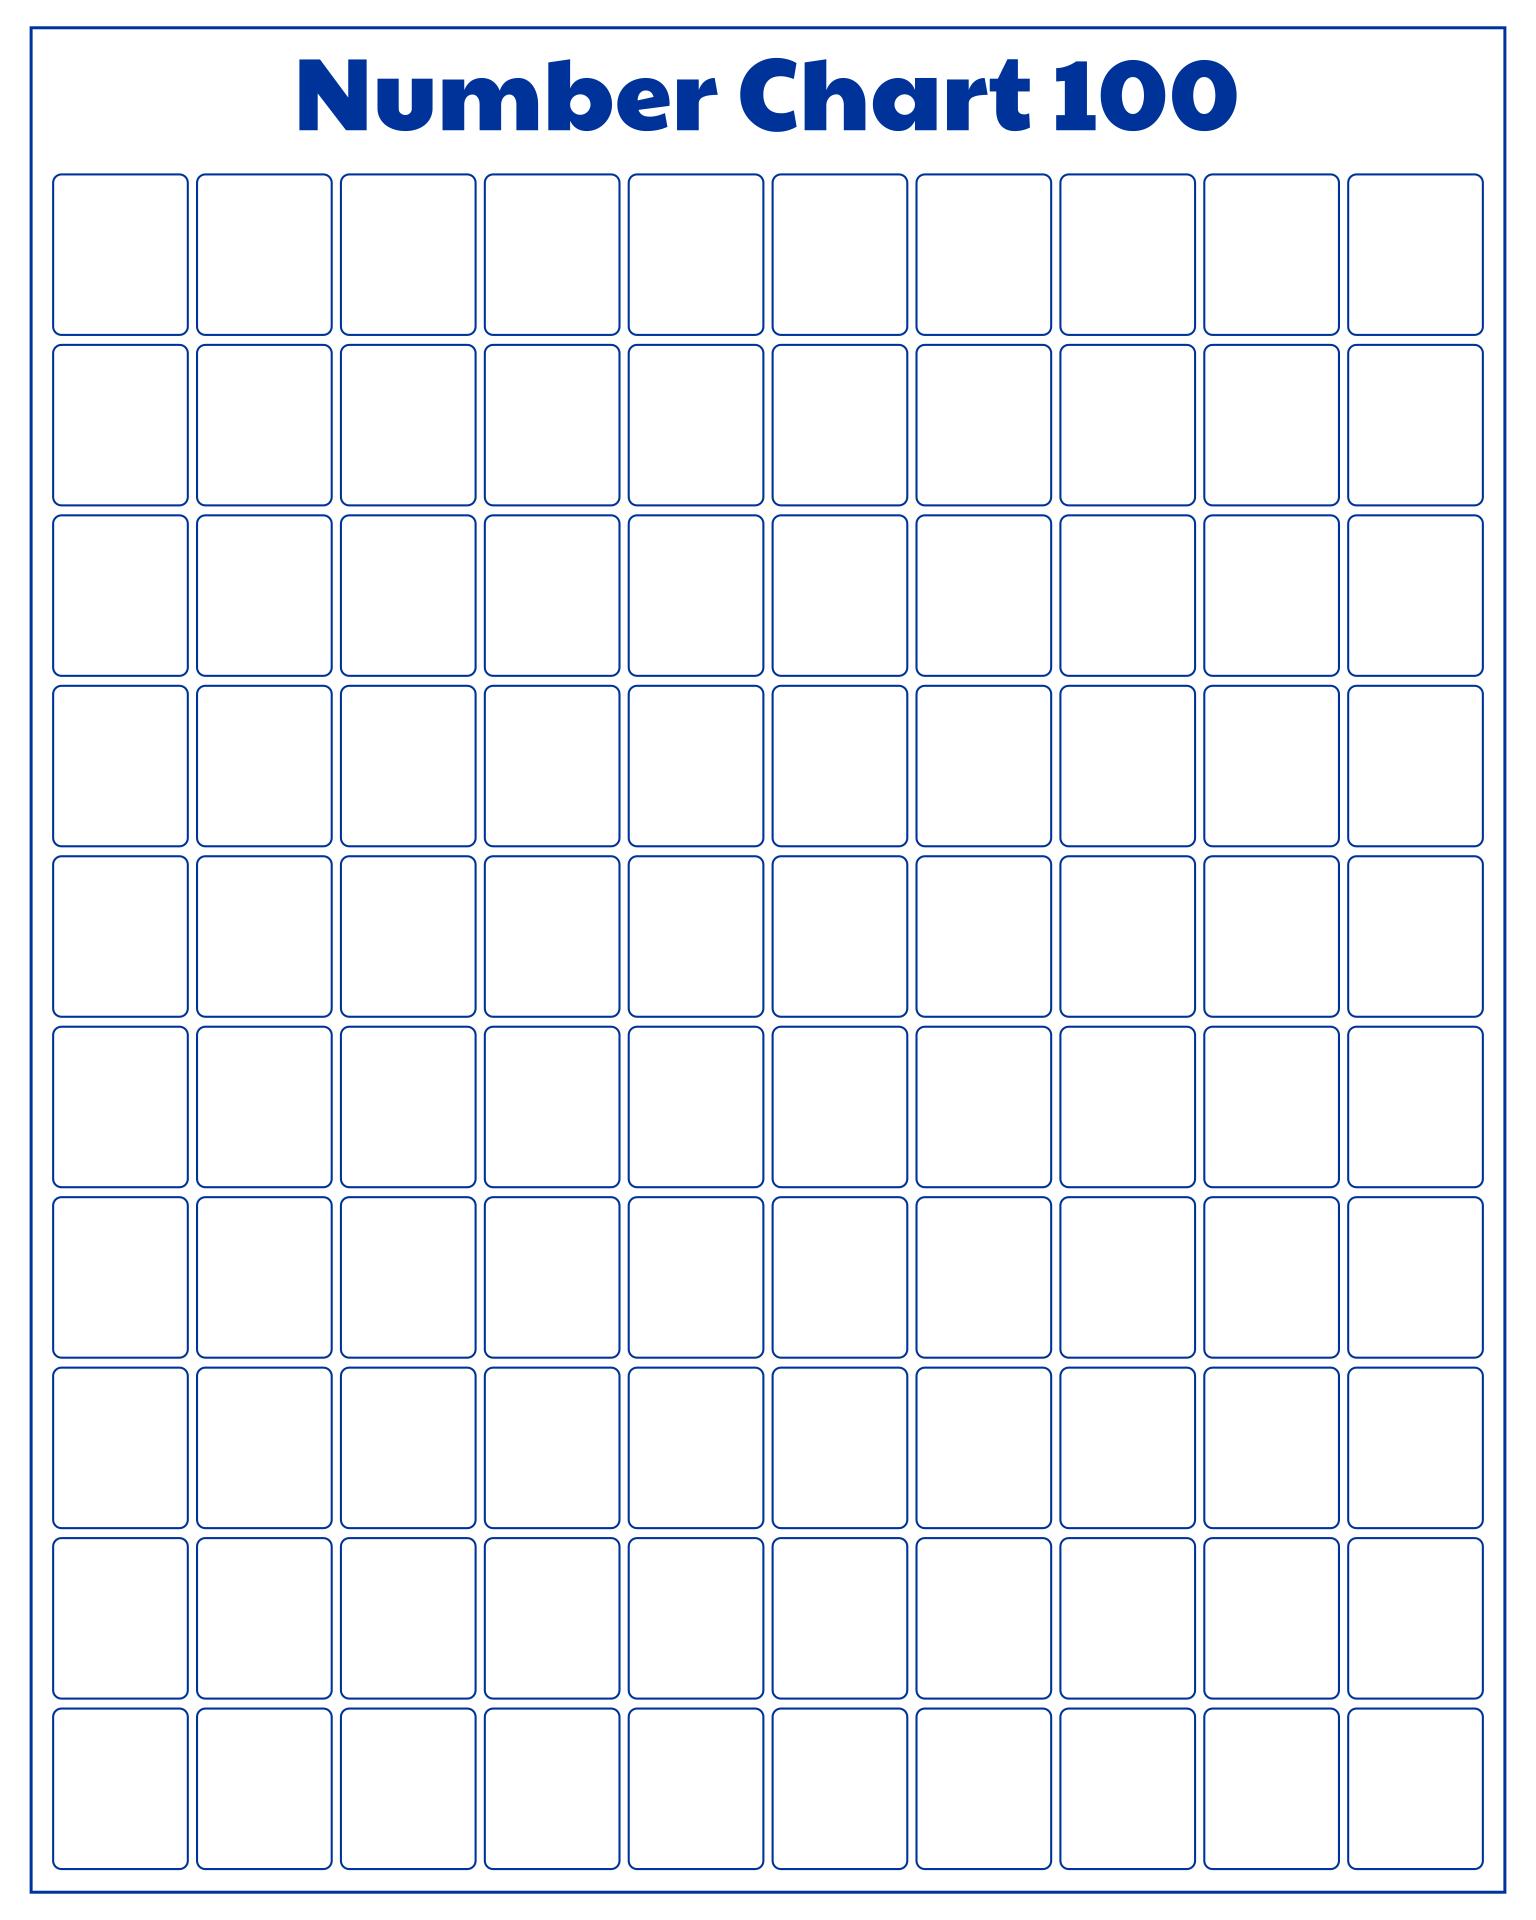 Chart 100